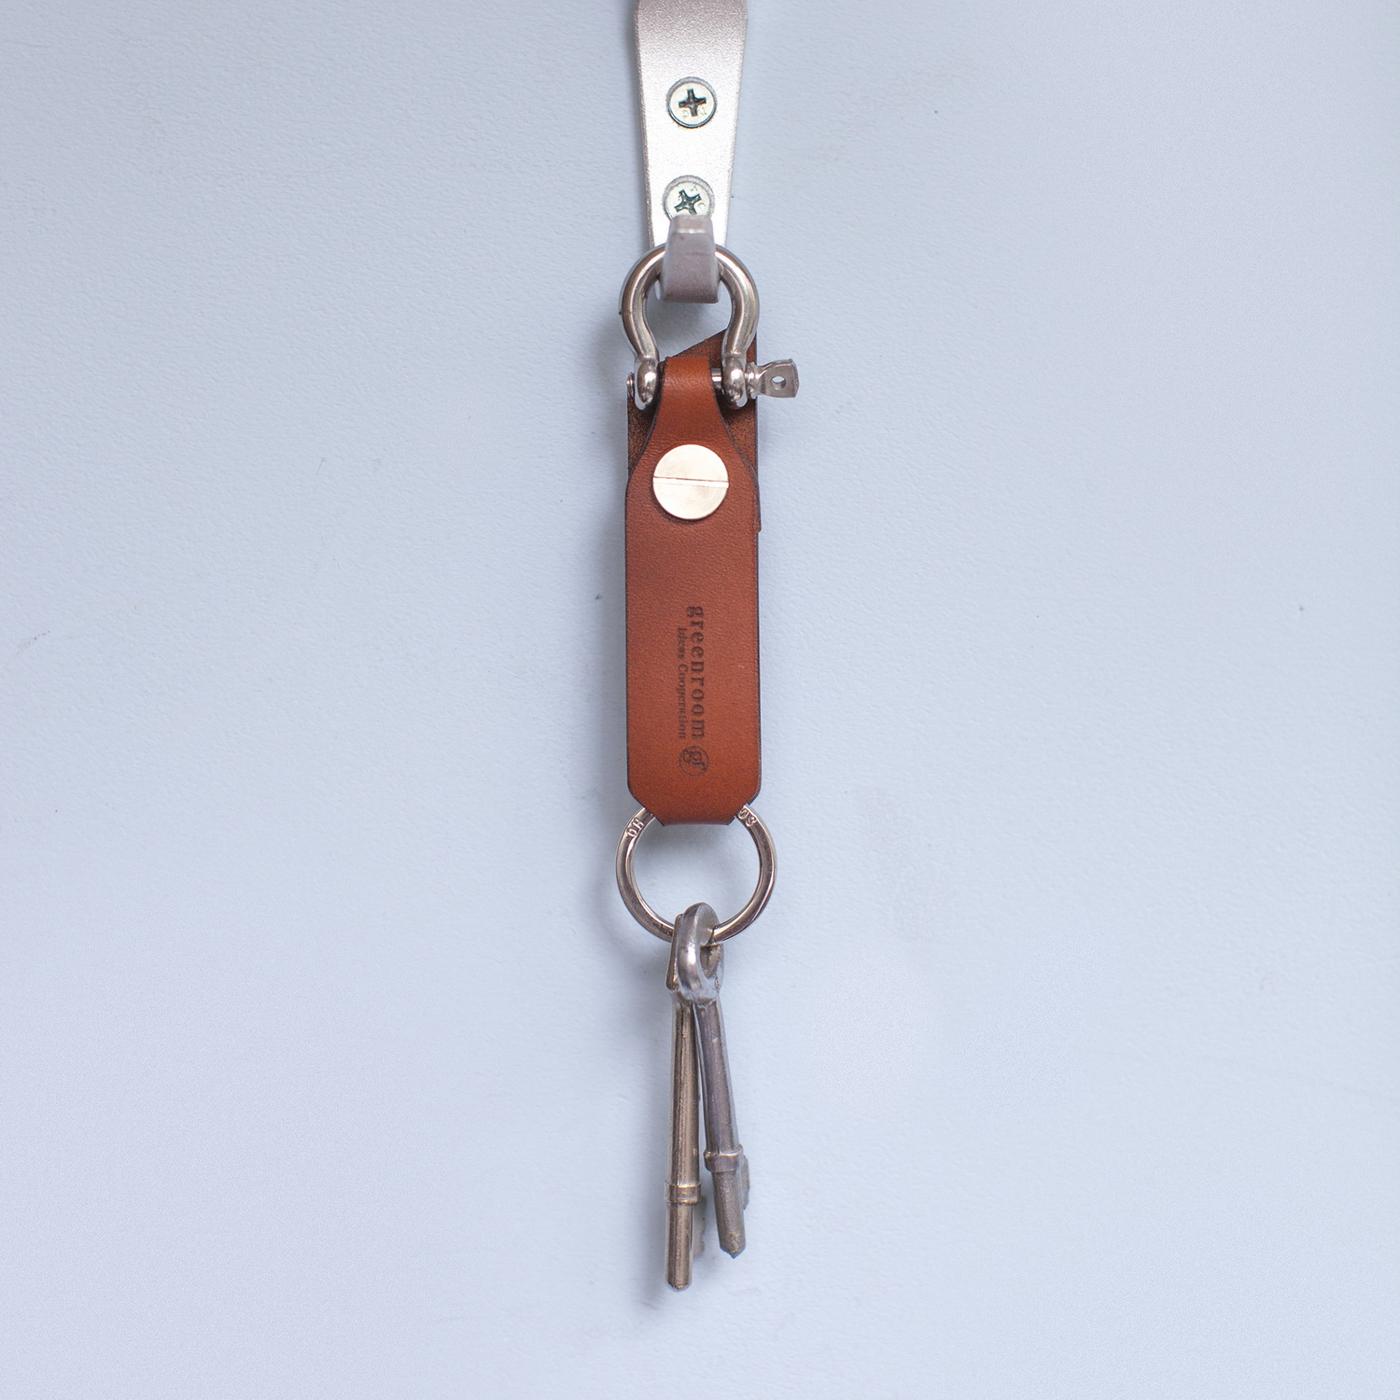 greenroom Key Ring鑰匙圈